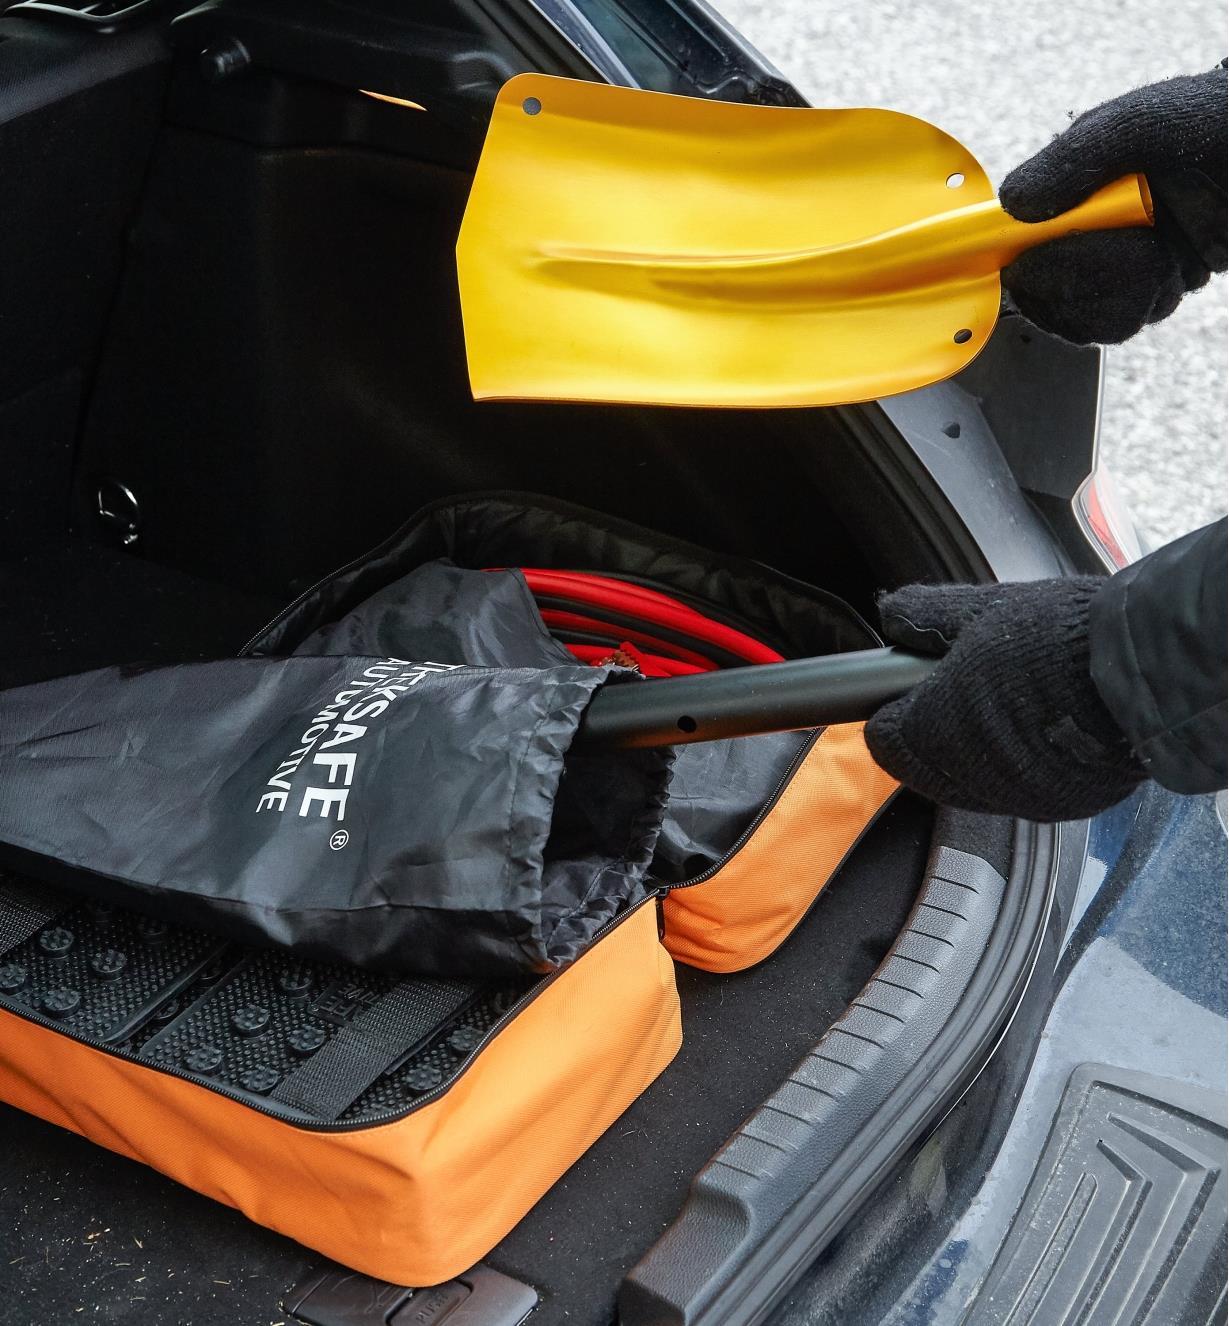 Personne retirant les pièces de la pelle démontable d'une trousse d'urgence pour véhicule dans le coffre d'une voiture